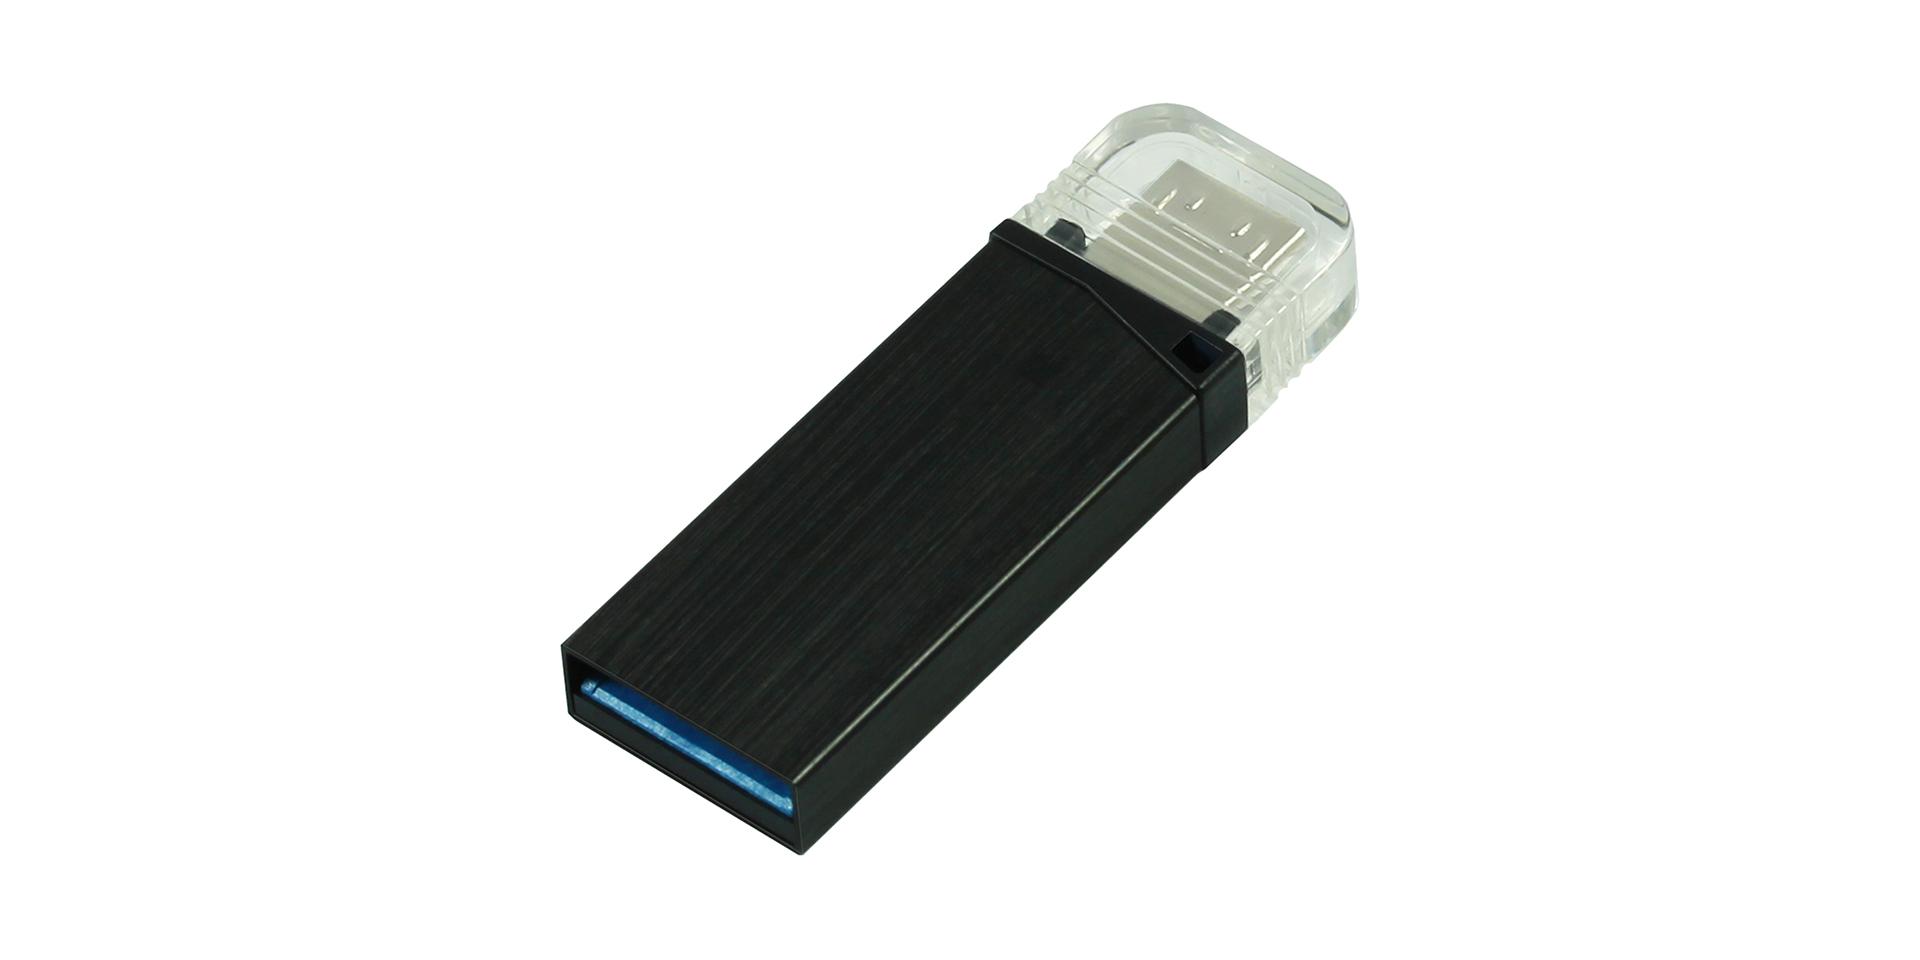 USB con 2 conectores